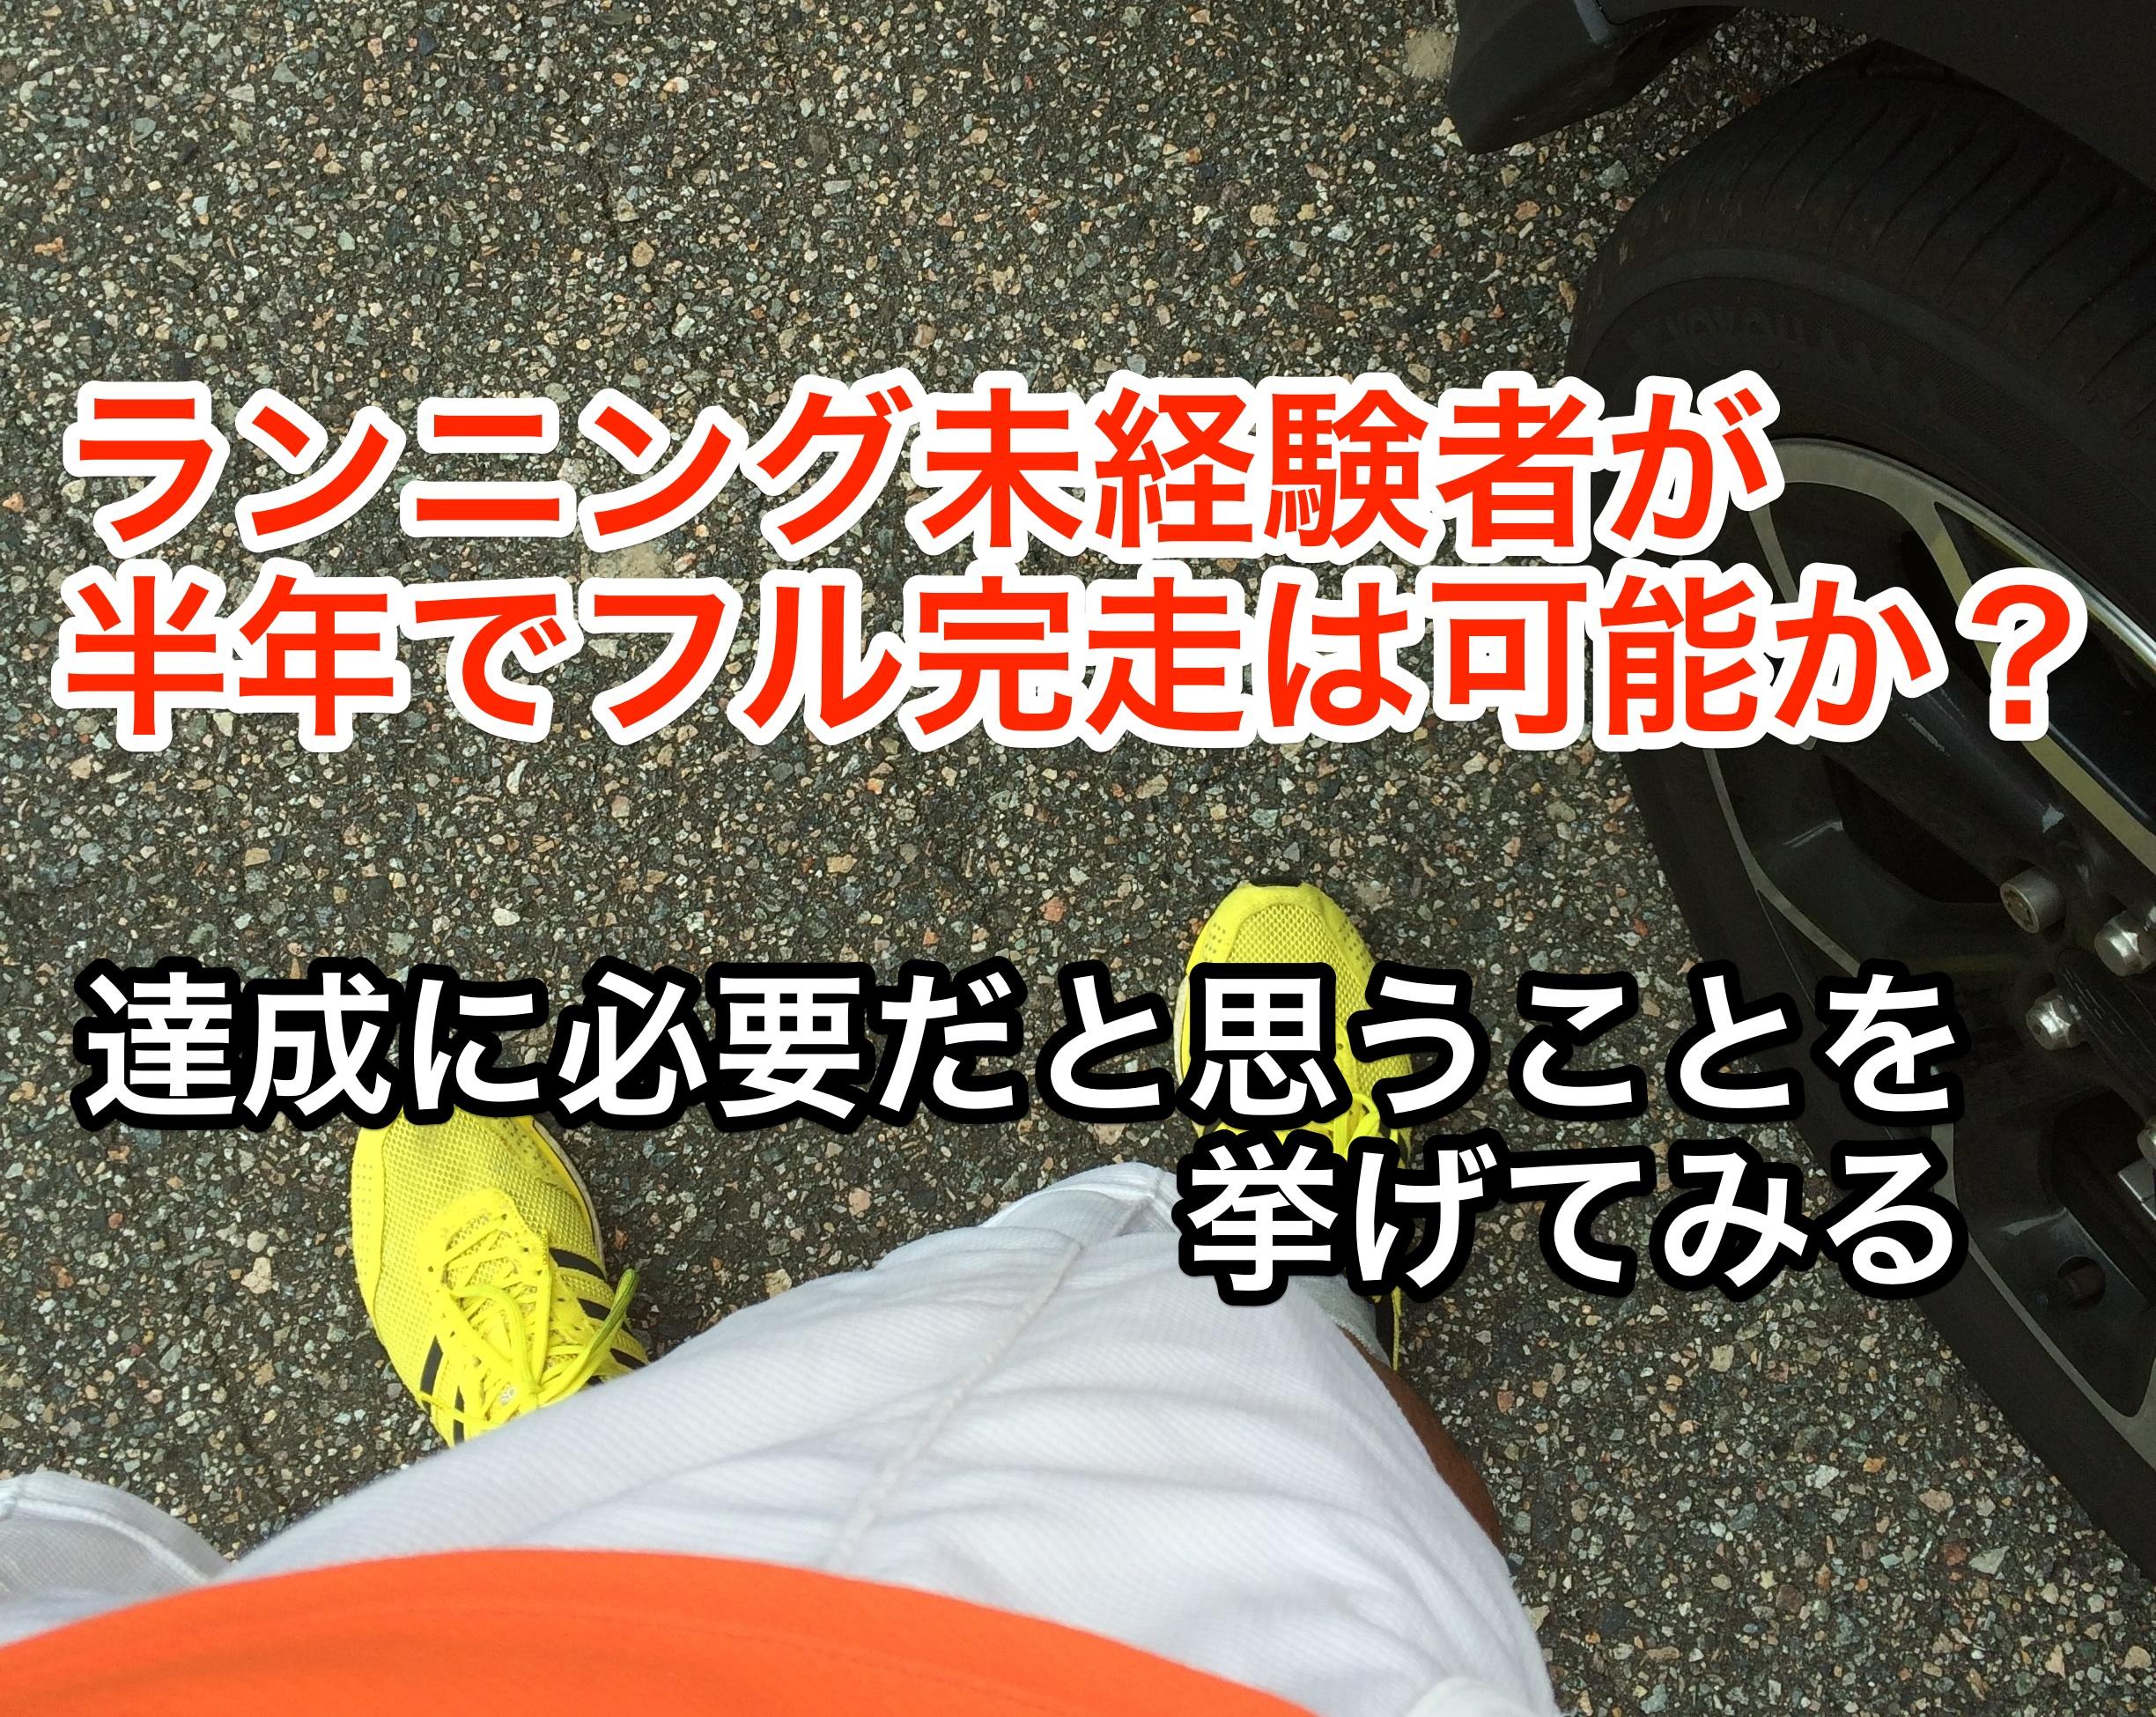 ランニング未経験者が半年でフルマラソン完走は可能か?達成に必要だと思うことを挙げてみる